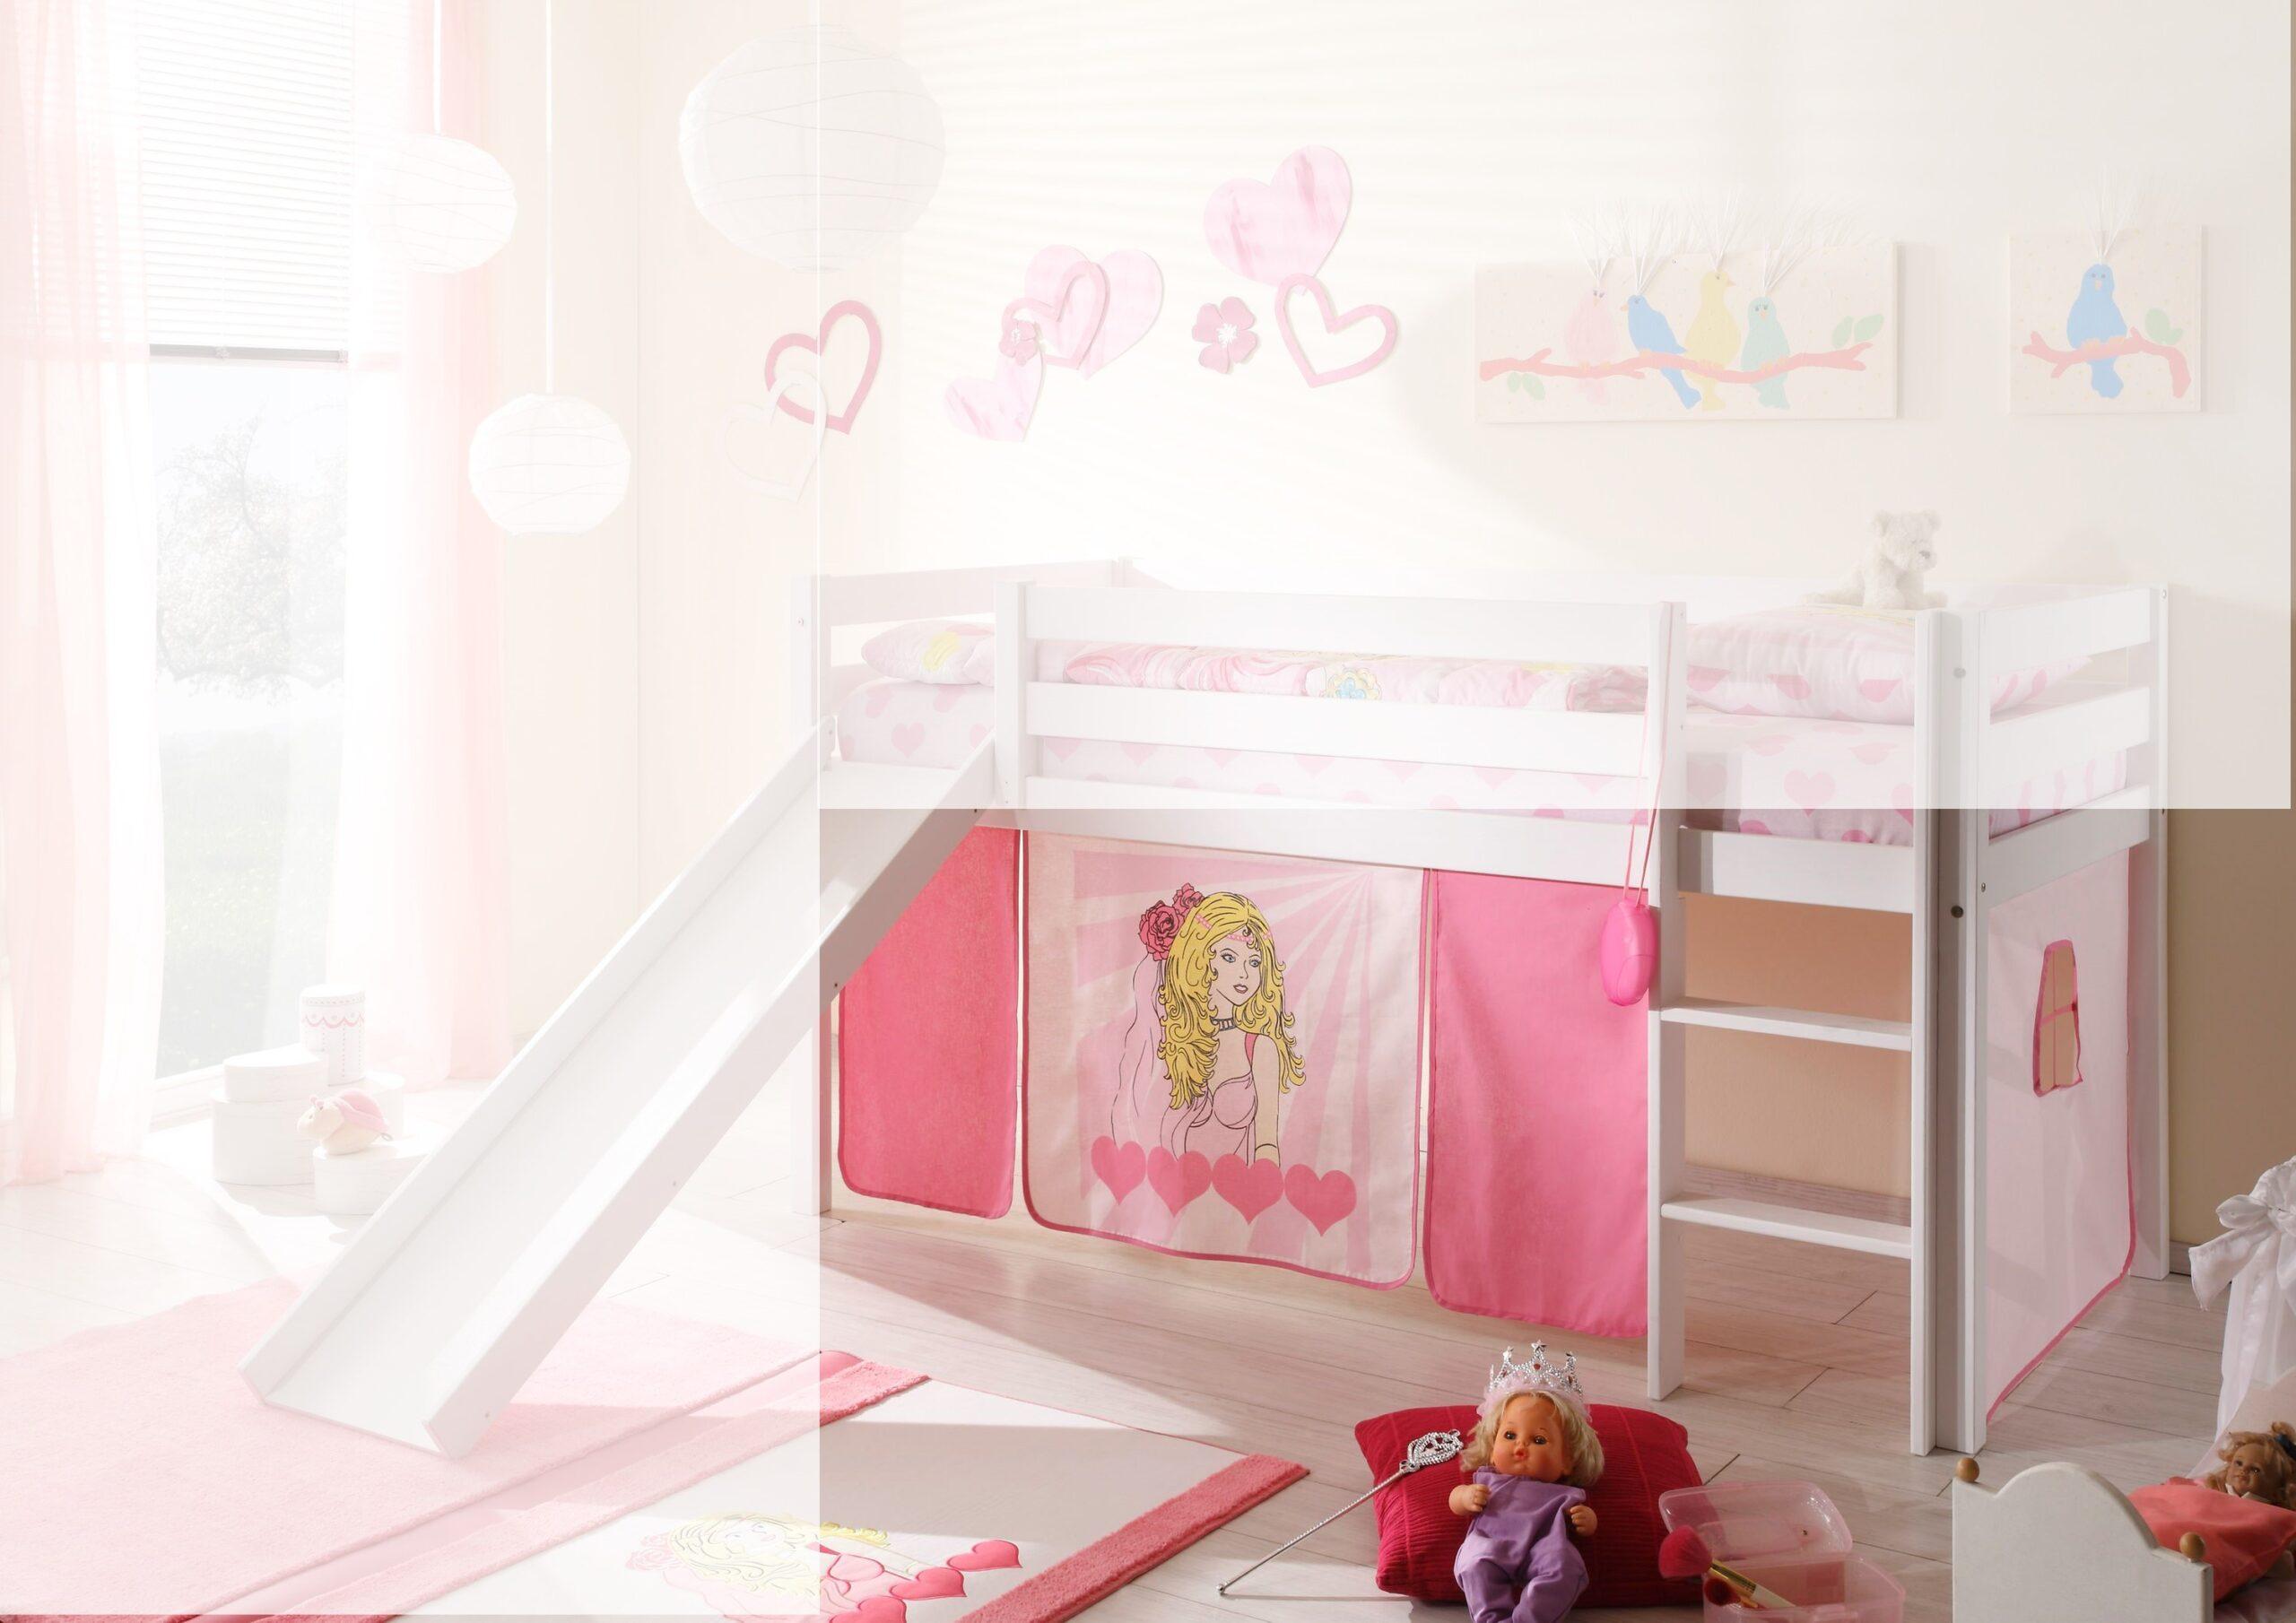 Full Size of Kinderzimmer Prinzessin Vorhang Mdchen 4 Tlg 100 Baumwolle Spiel Hochbett Regal Regale Bett Sofa Weiß Prinzessinen Kinderzimmer Kinderzimmer Prinzessin